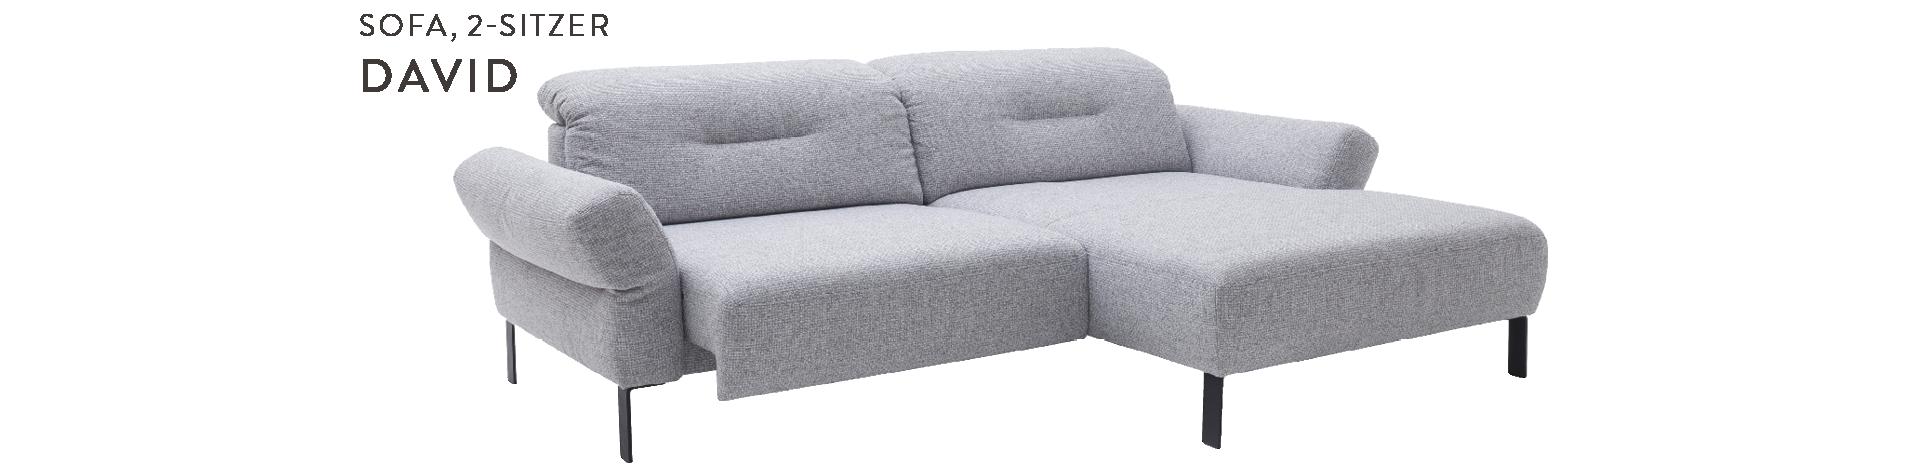 Full Size of Sofa Konfigurator Mit Relaxfunktionen Couch David Von Comfort Republic Garnitur 3 Teilig Schlaffunktion Federkern 2 Sitzer U Form Terassen Weißes Home Affair Sofa Sofa Konfigurator